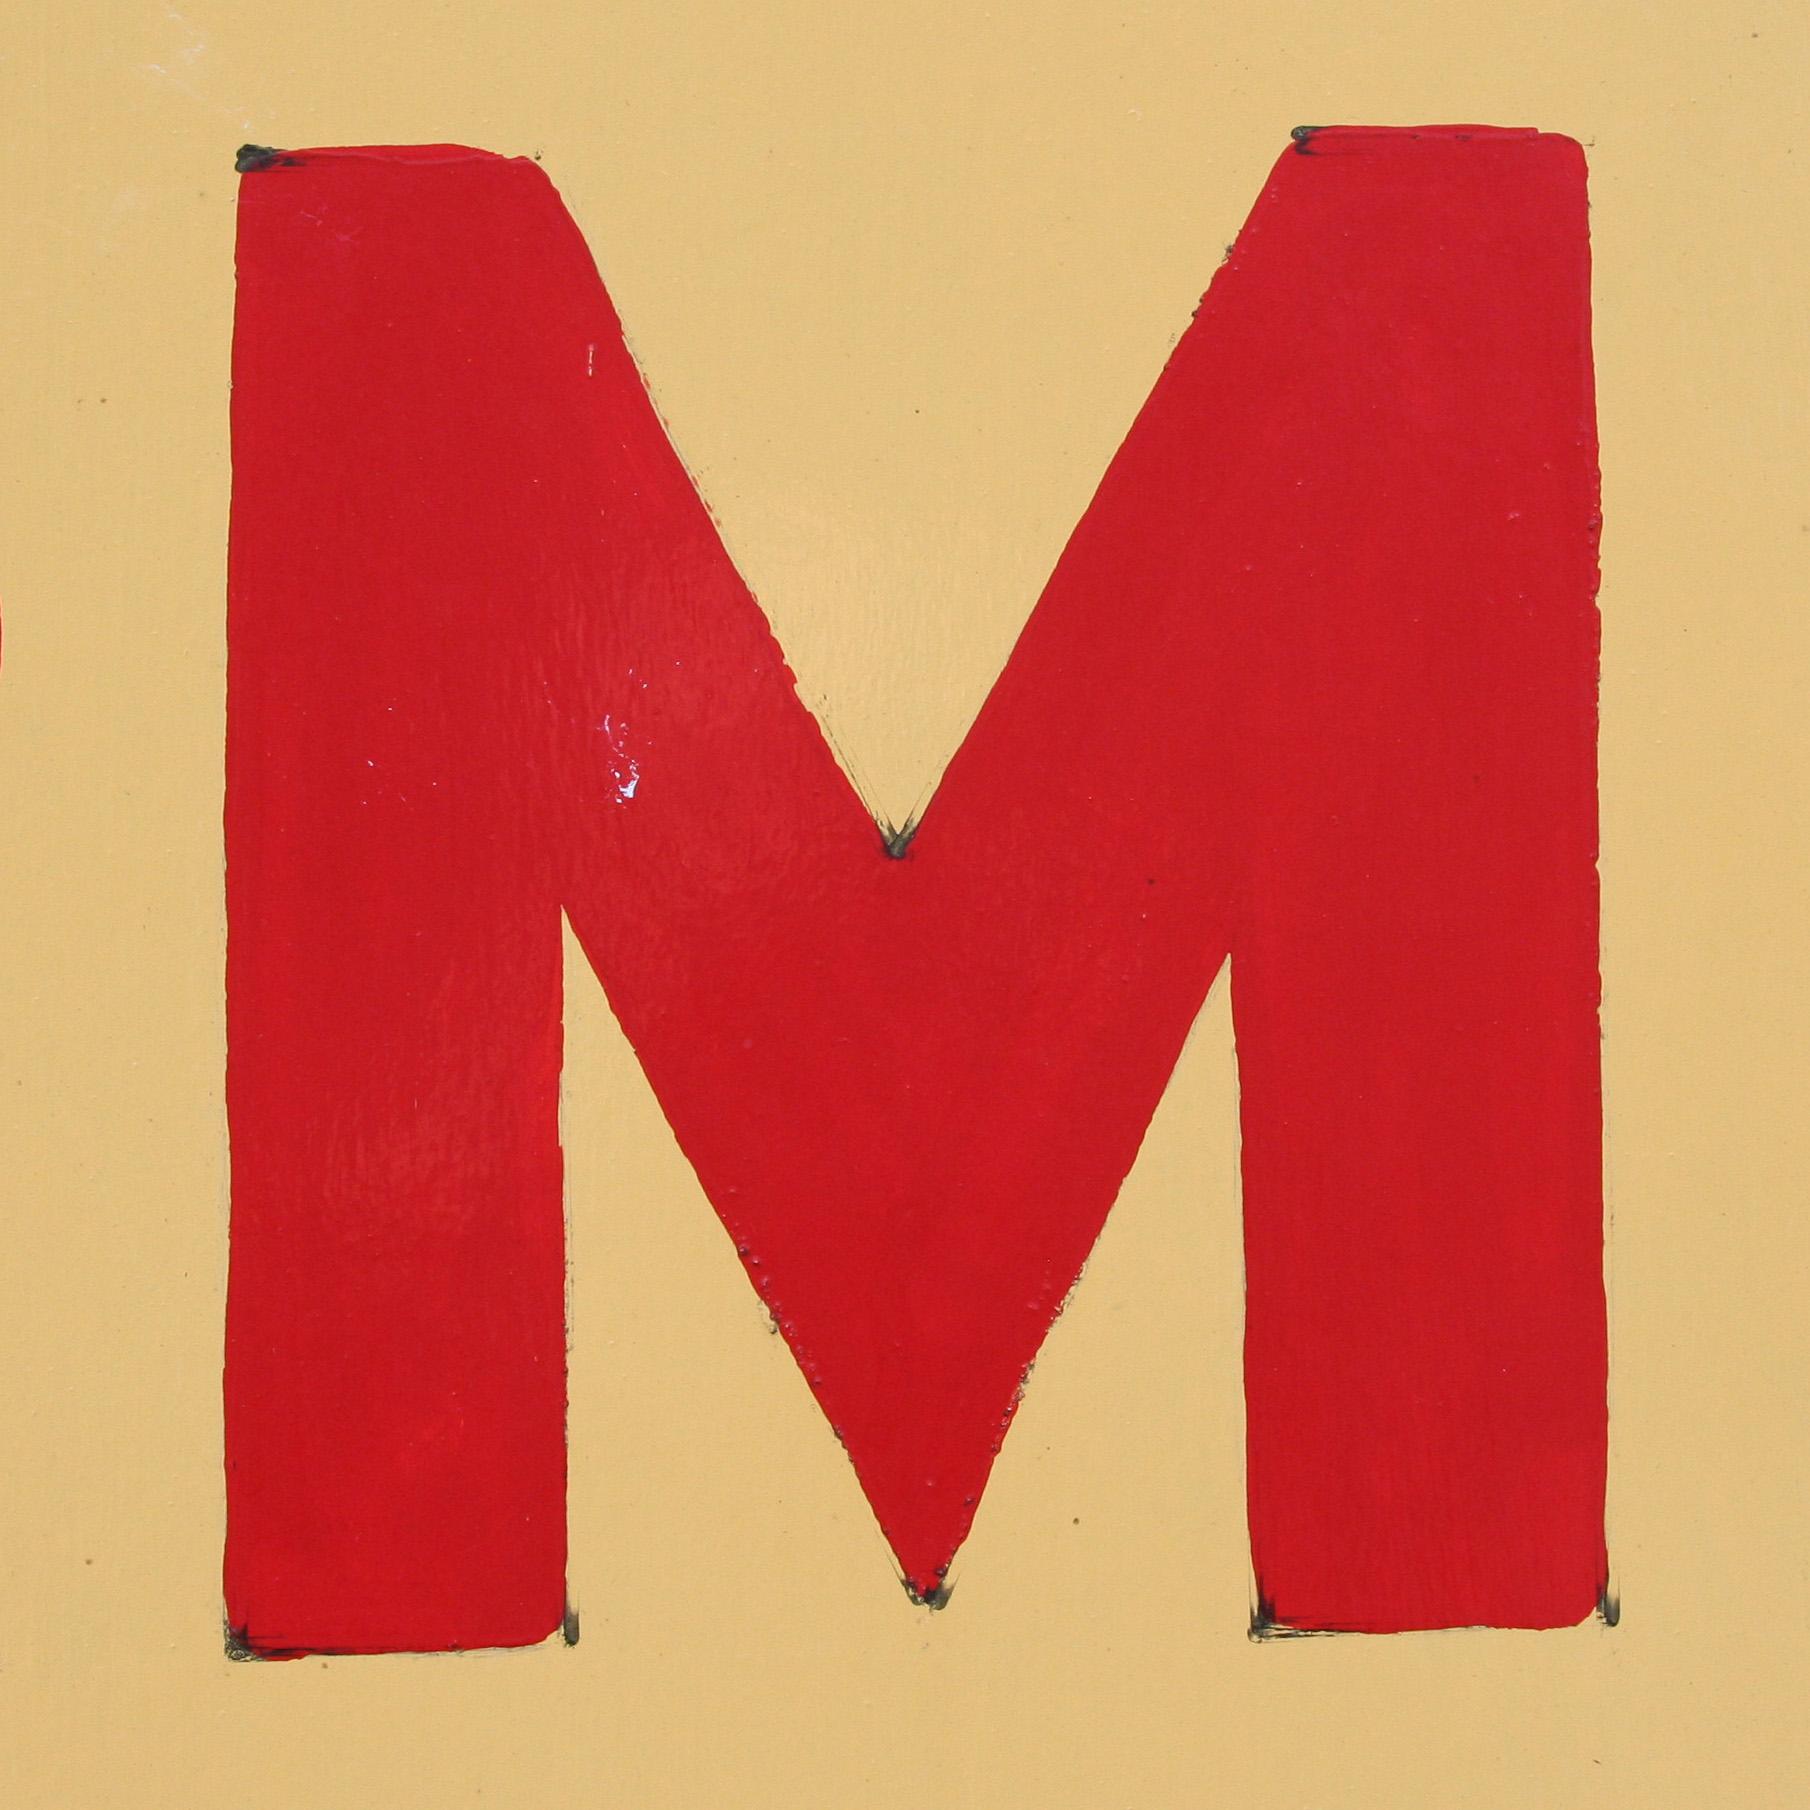 m  - photo #33